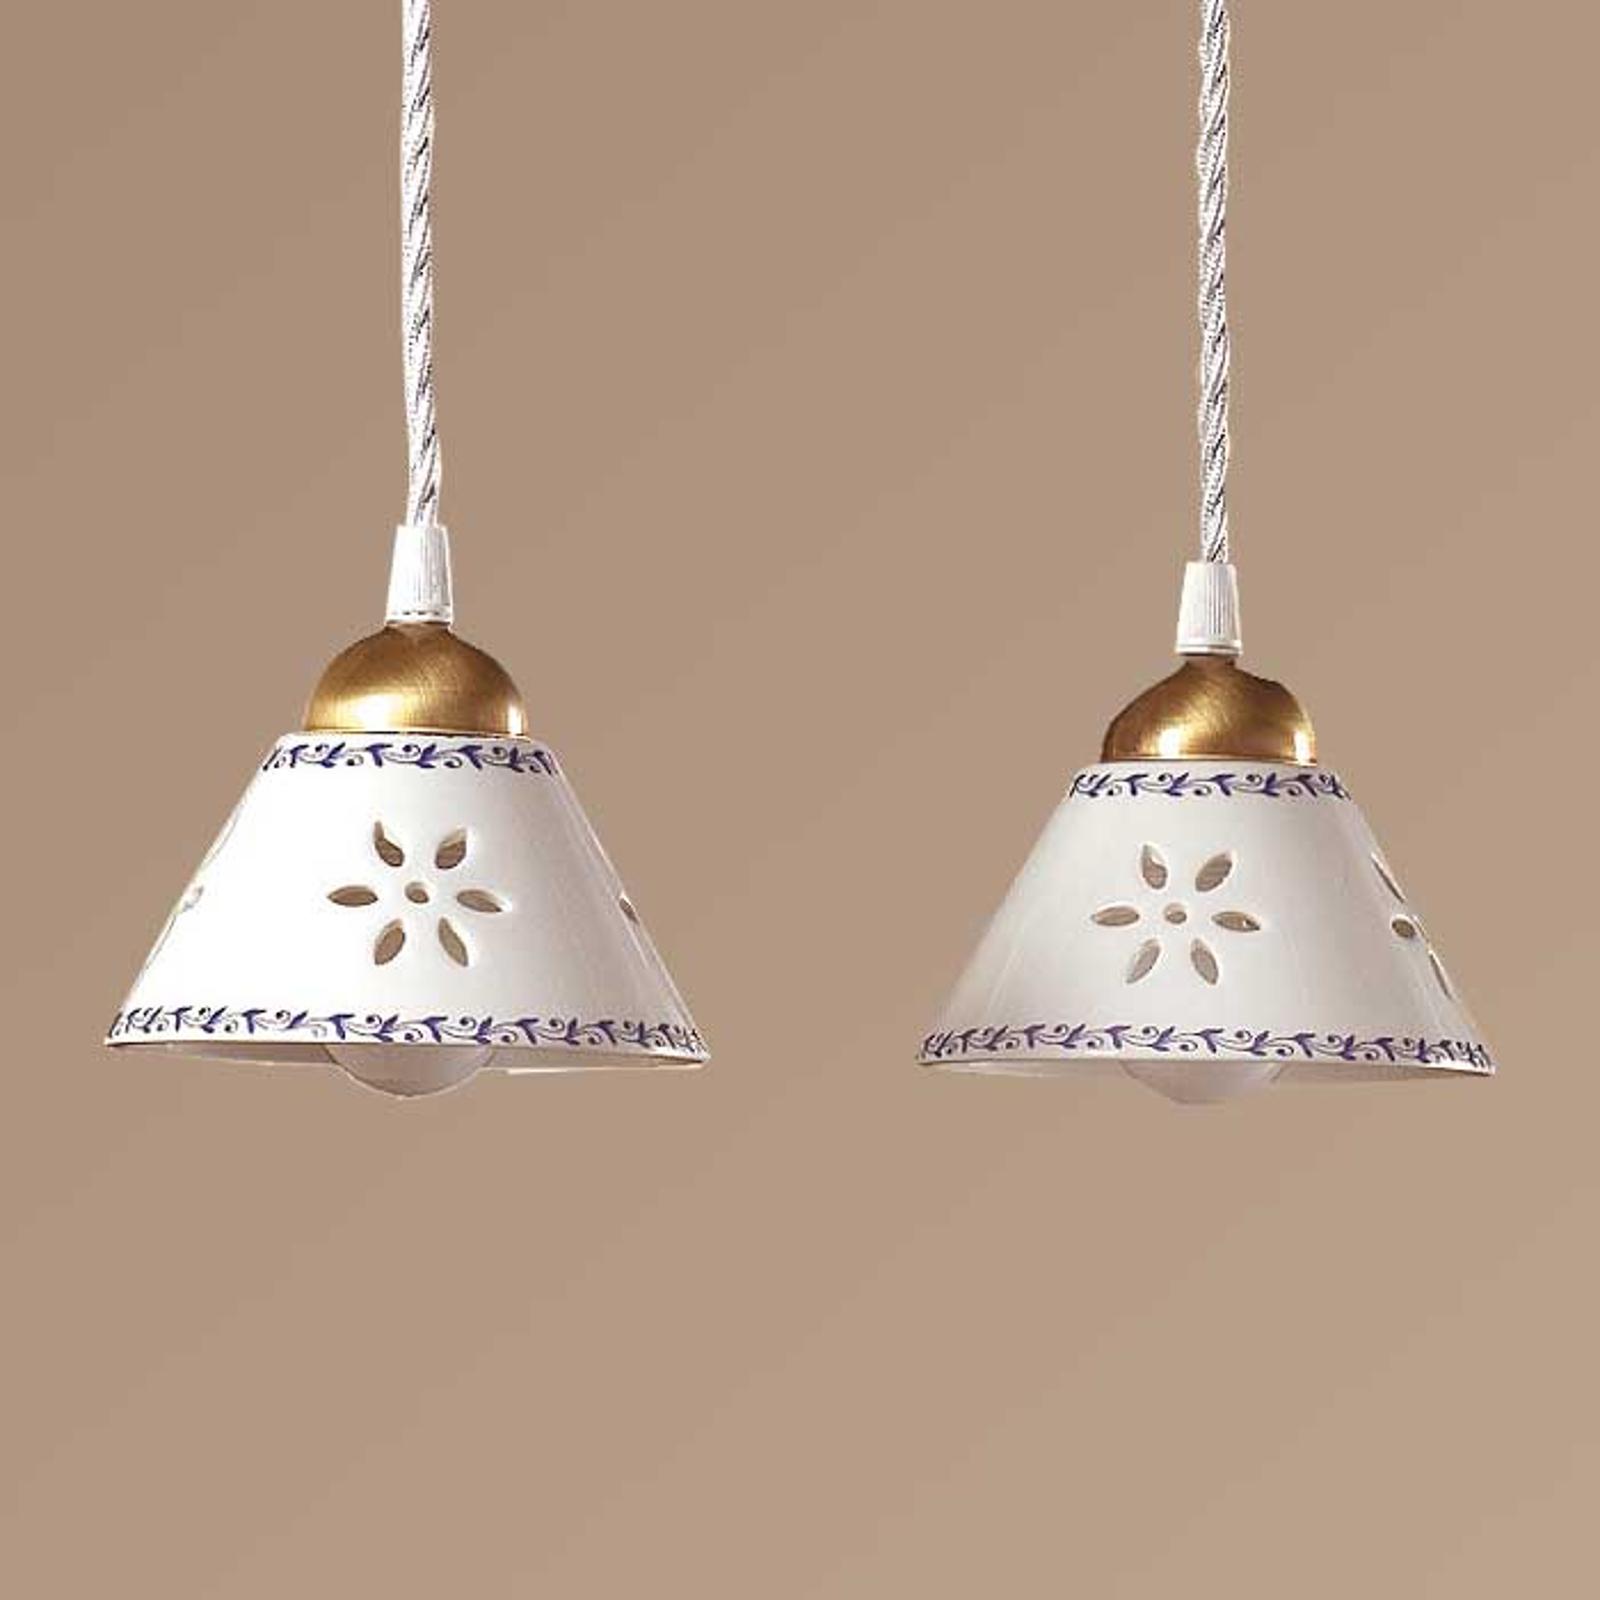 Lampa wisząca NONNA z białej ceramiki 2 punktowa